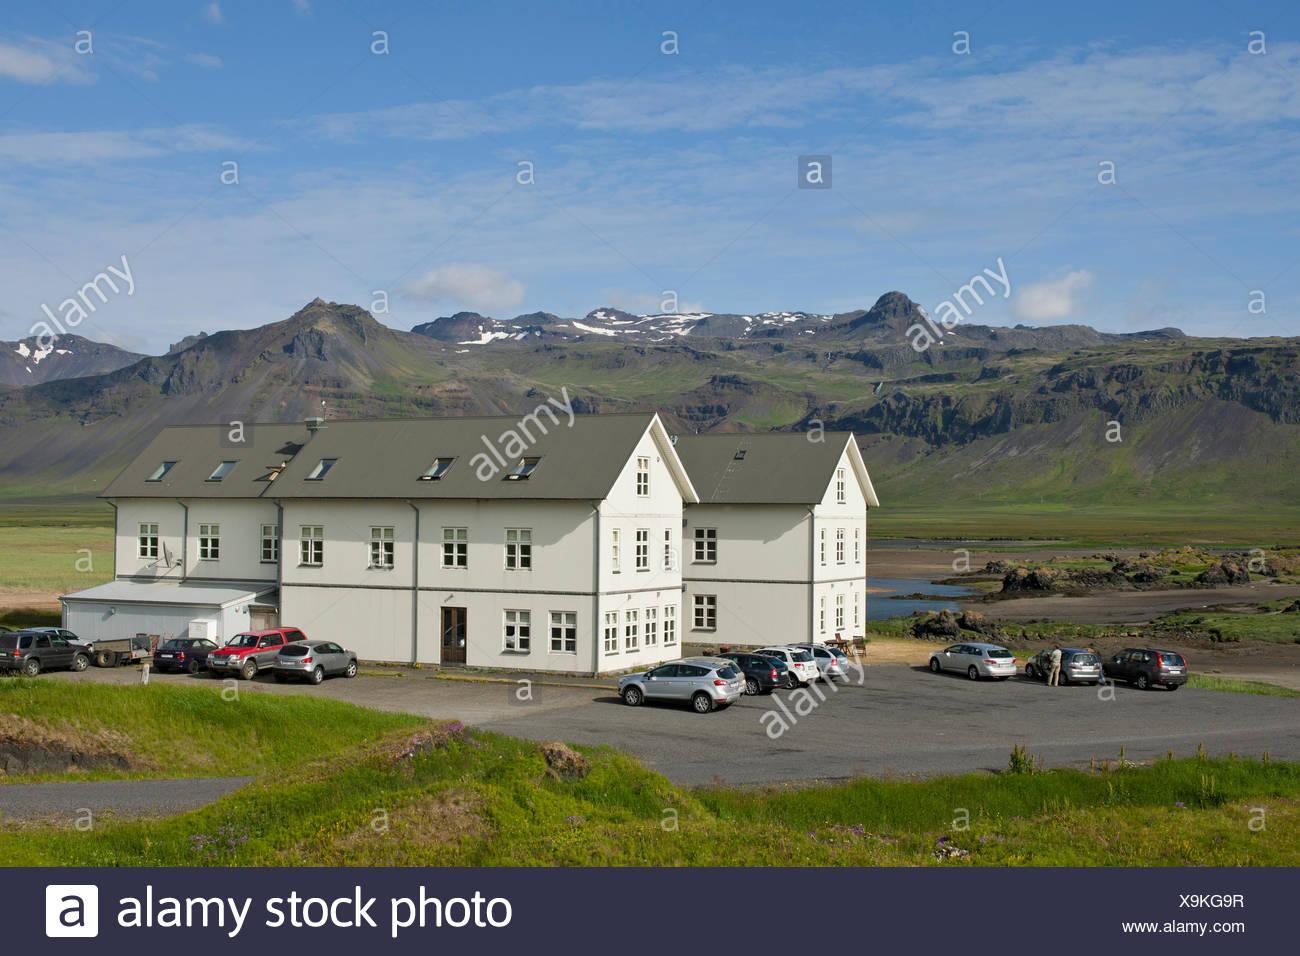 Hotel of Buðir or Fáskrúðsfjoerður, Snæfellsnes, Snæfellsness, Iceland, Europe - Stock Image